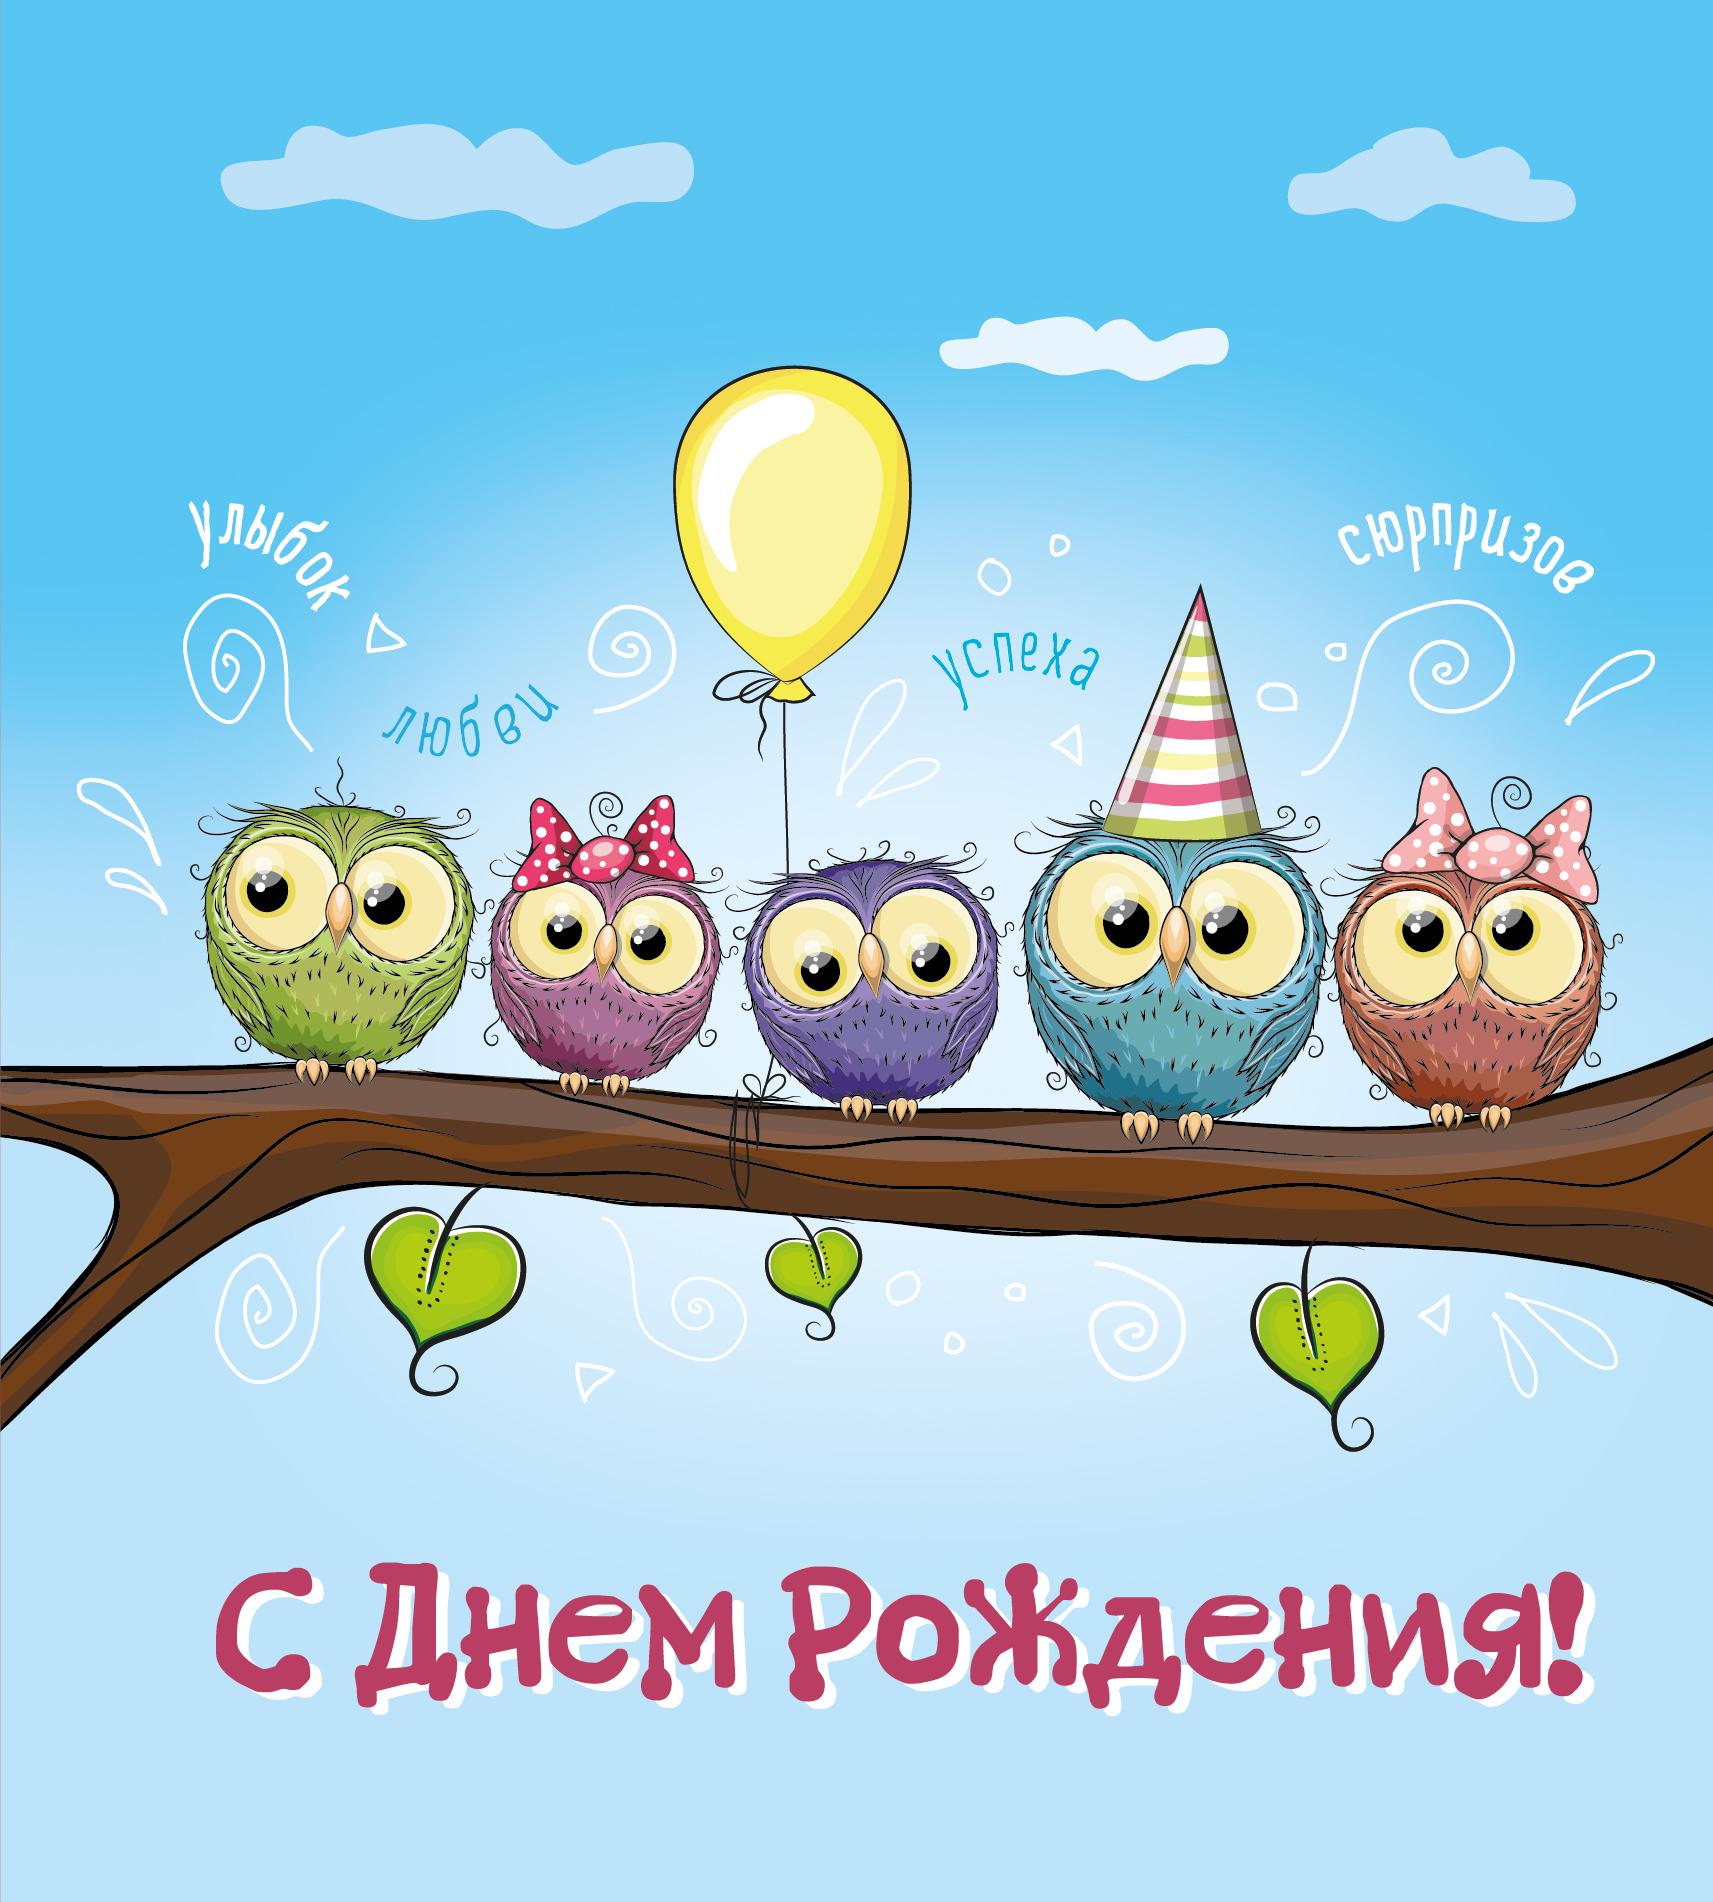 С днем рождения! (иллюстр.) ISBN: 978-5-699-87853-6